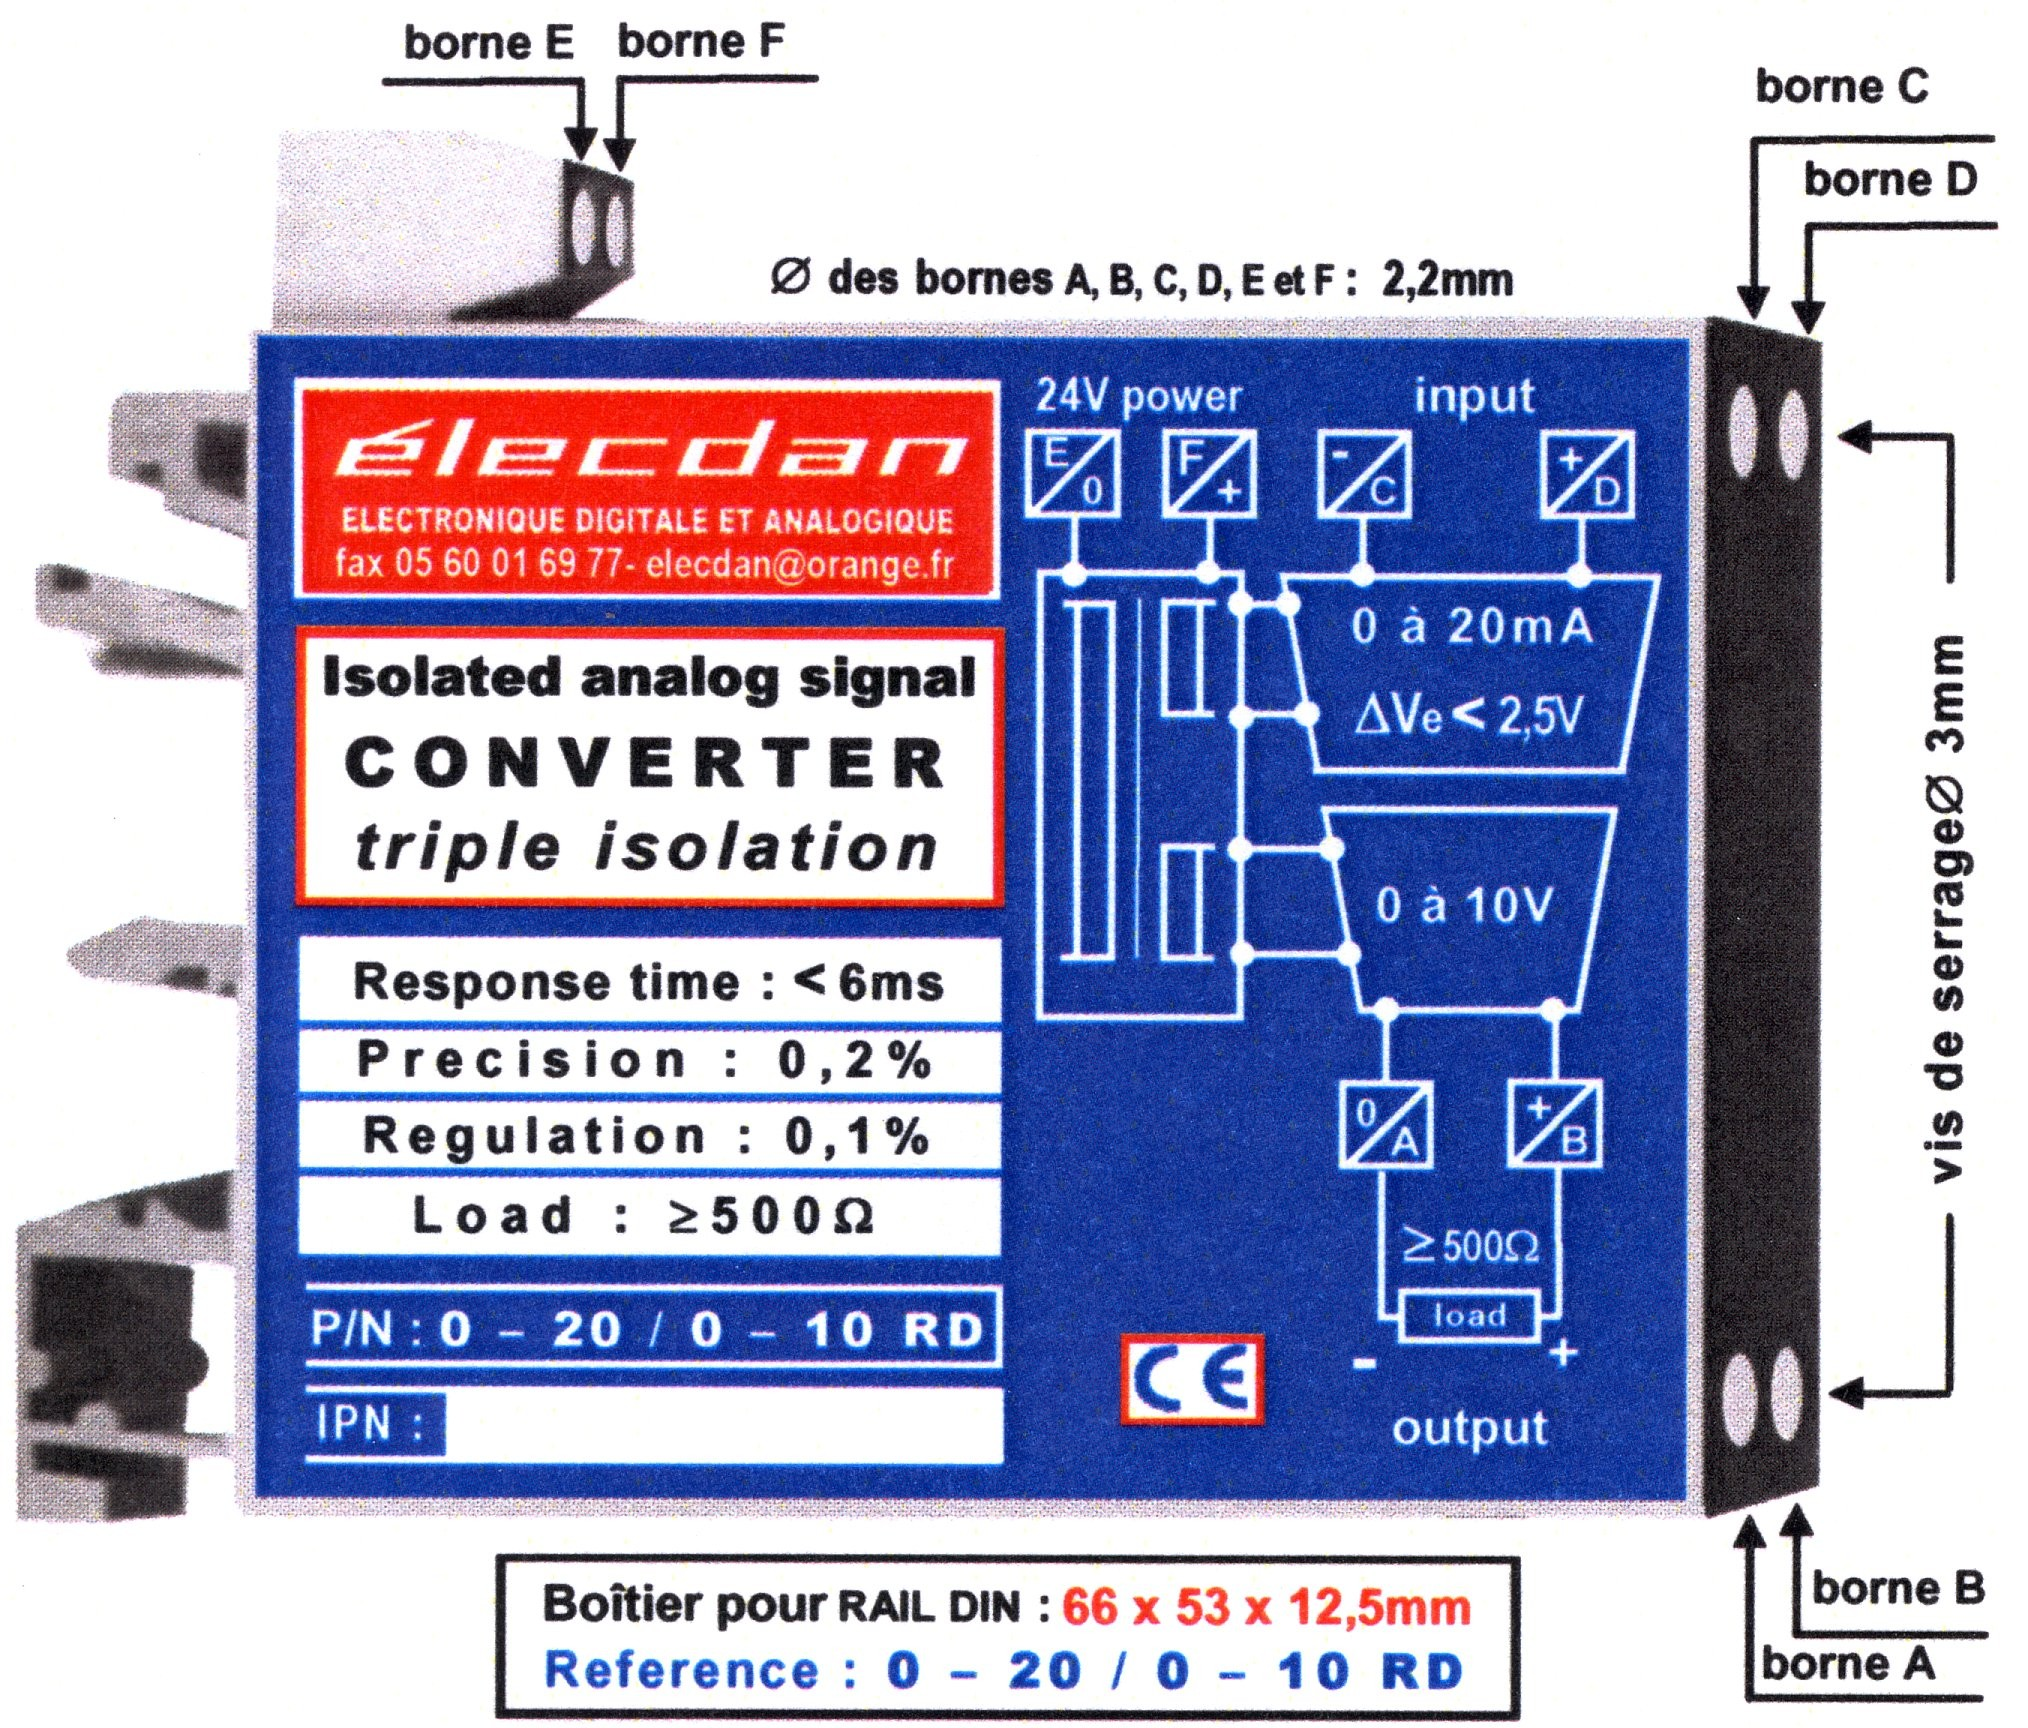 Boîtier pour Rail Din 66 x 53 x 12.5 mm